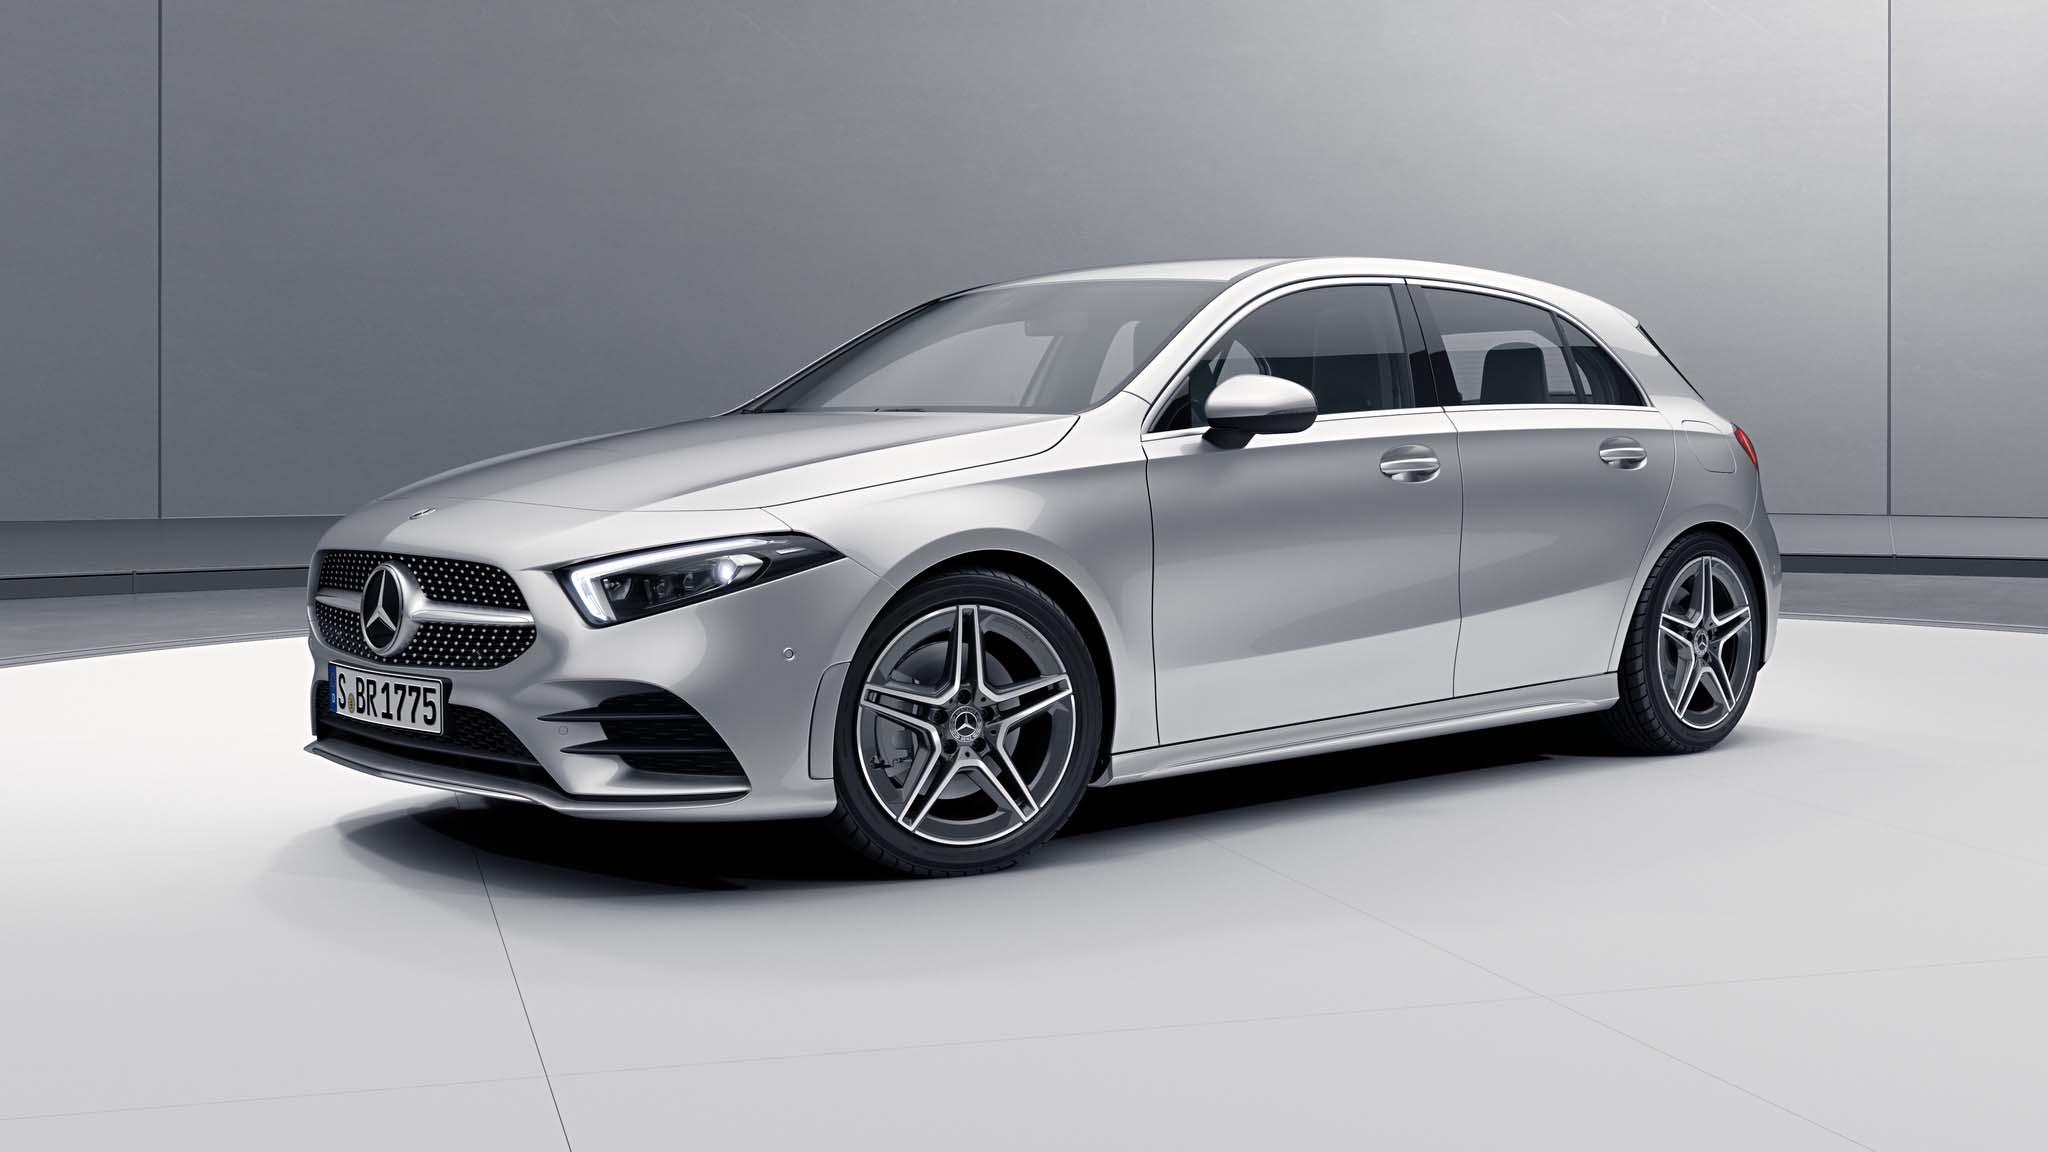 Vue de trois quarts de profil de la Mercedes Classe A avec la peinture Métallisé - Argent Iridium